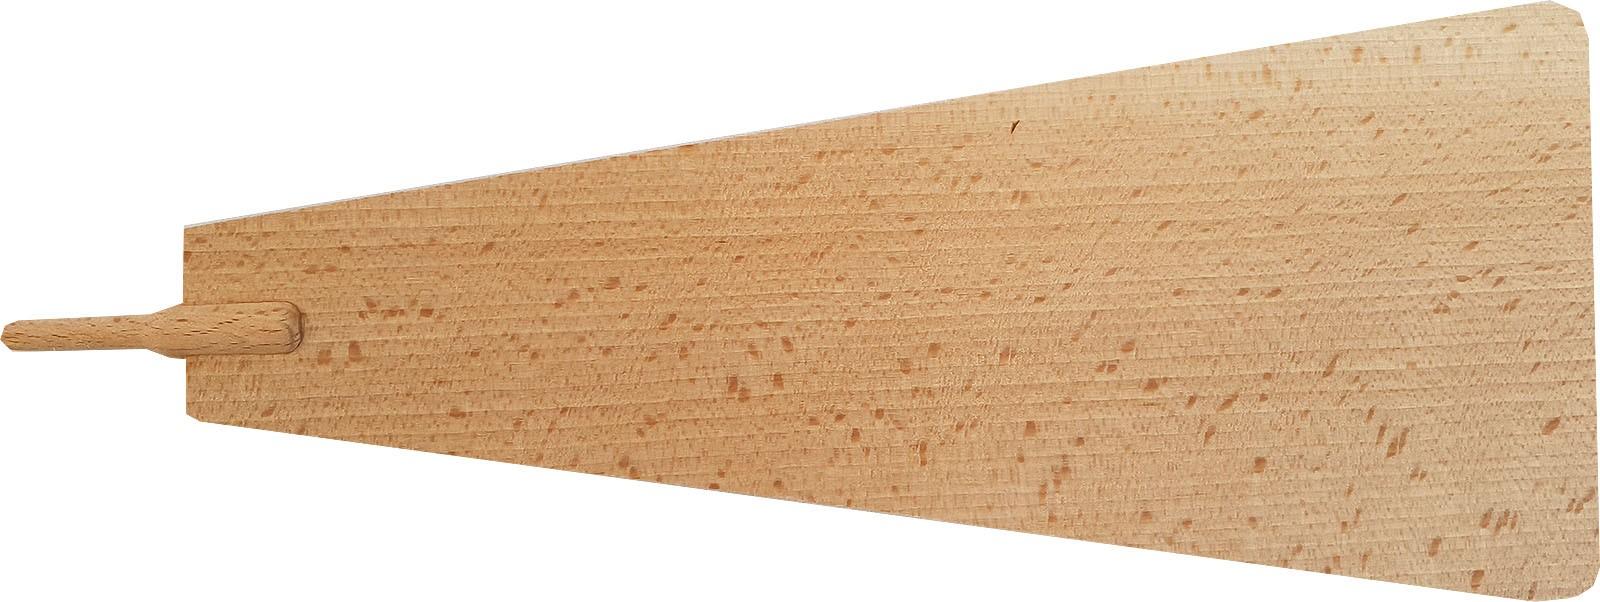 Pyramidenflügel mit Schaft 6 mm Länge 260mm